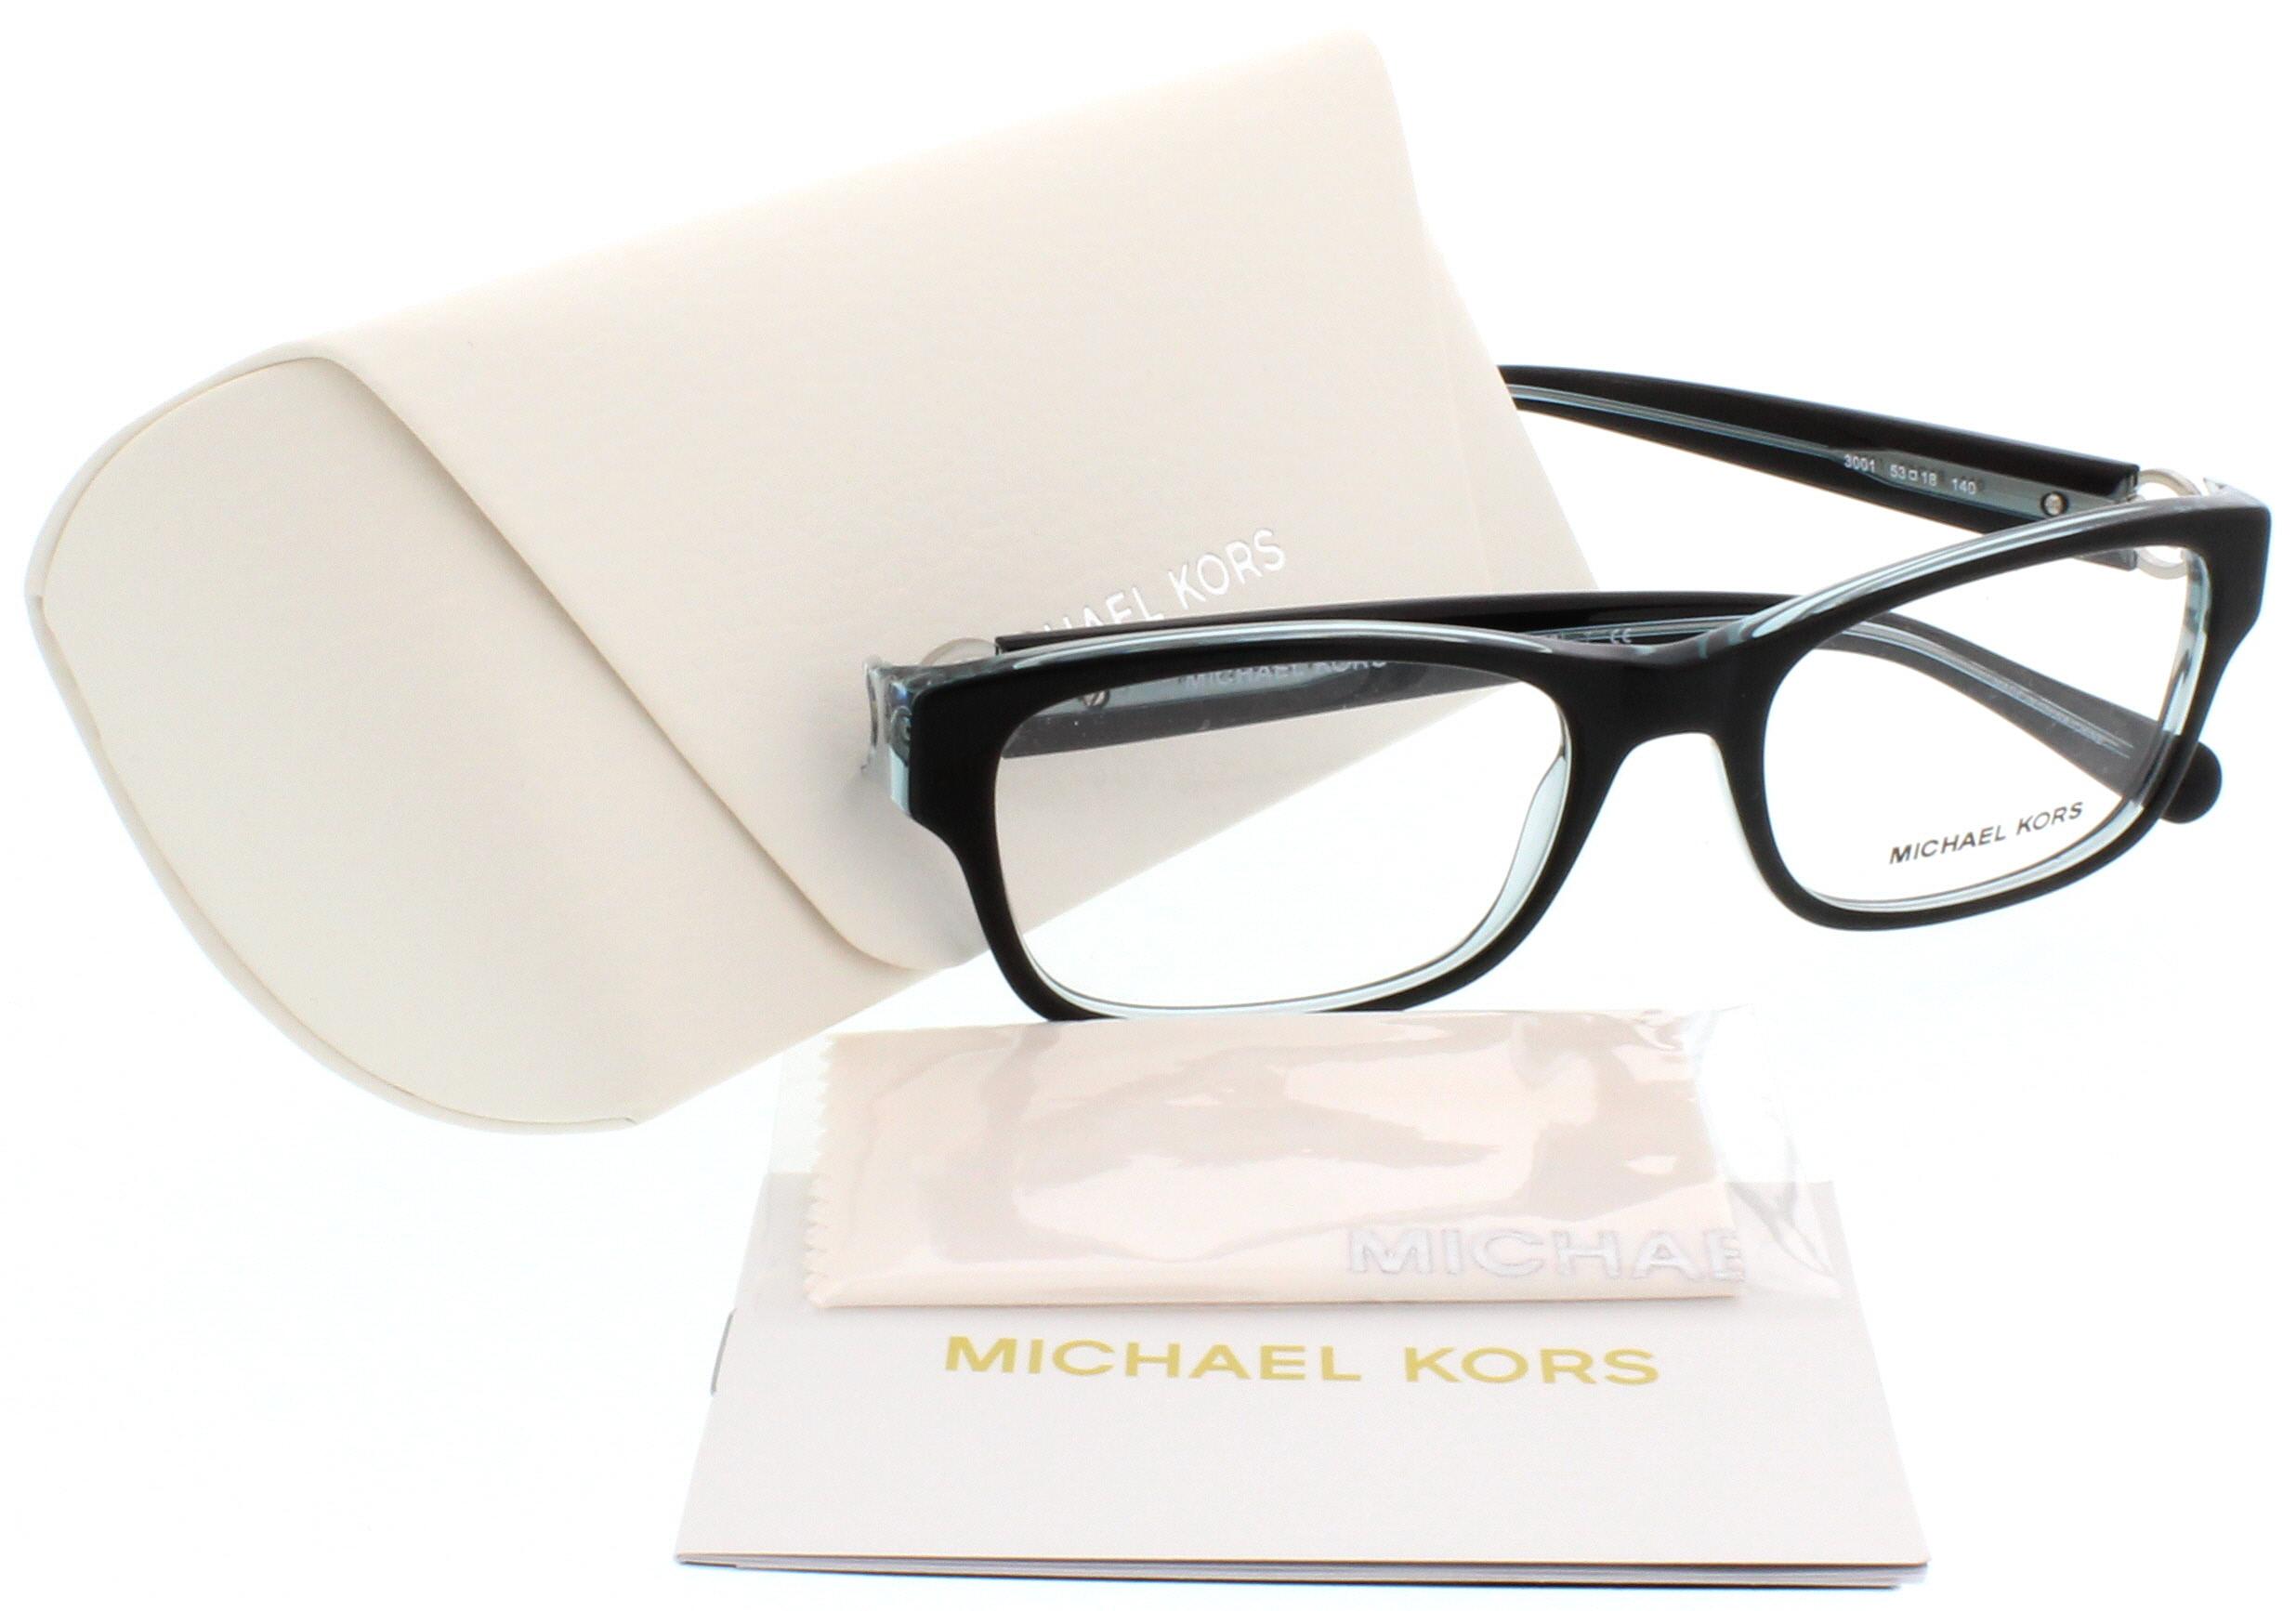 c8884a4a4785 Designer Frames Outlet. Michael Kors MK8001 Ravenna